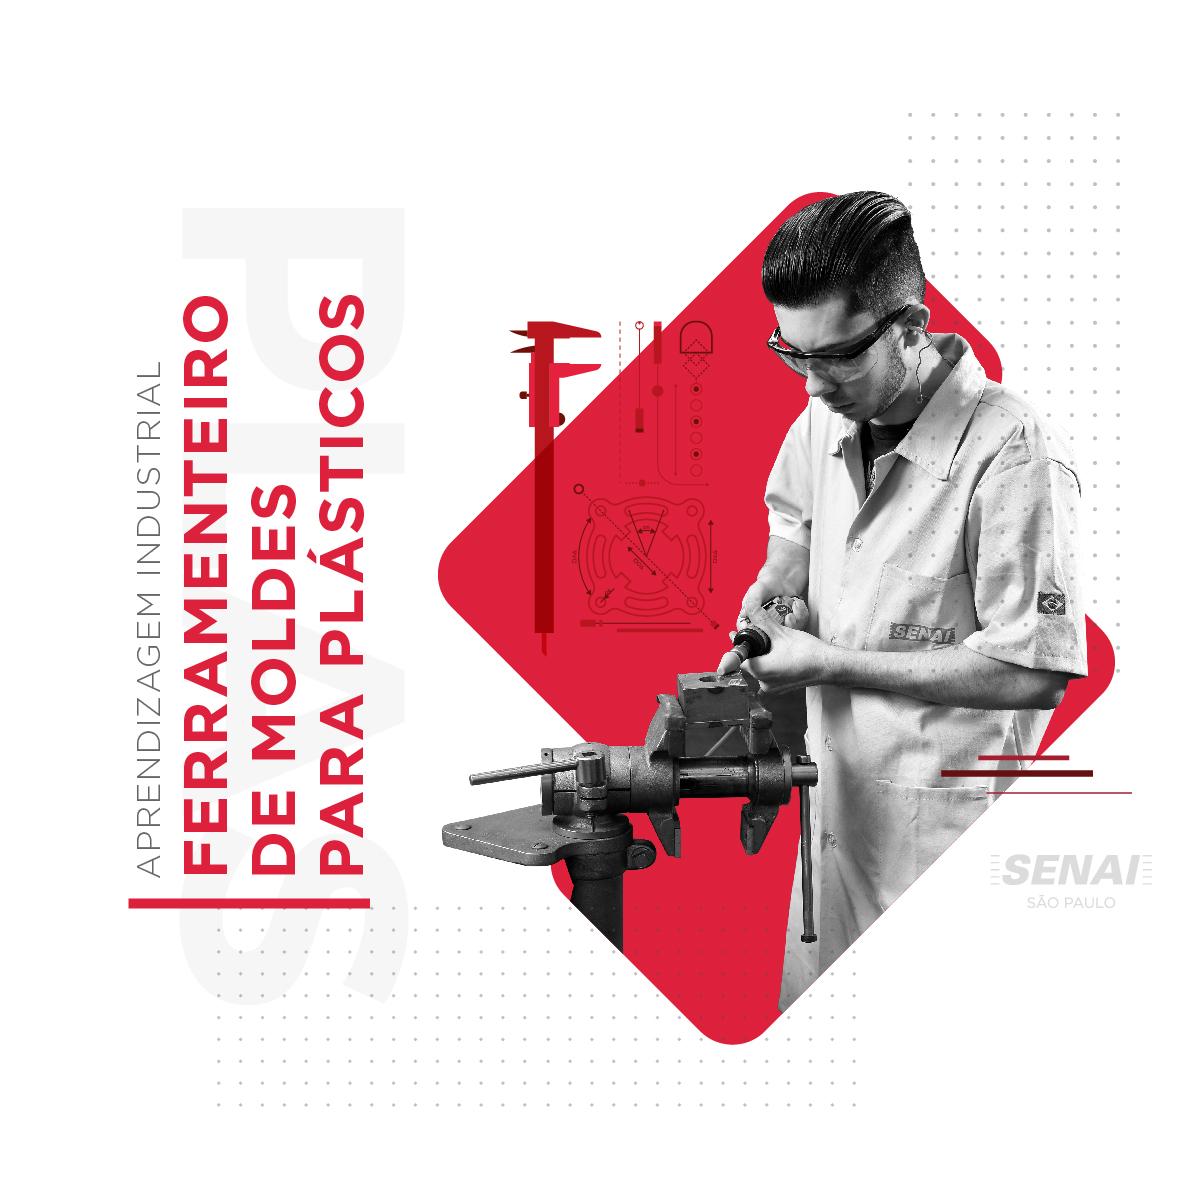 FERRAMENTEIRO DE MOLDES PARA PLÁSTICOS